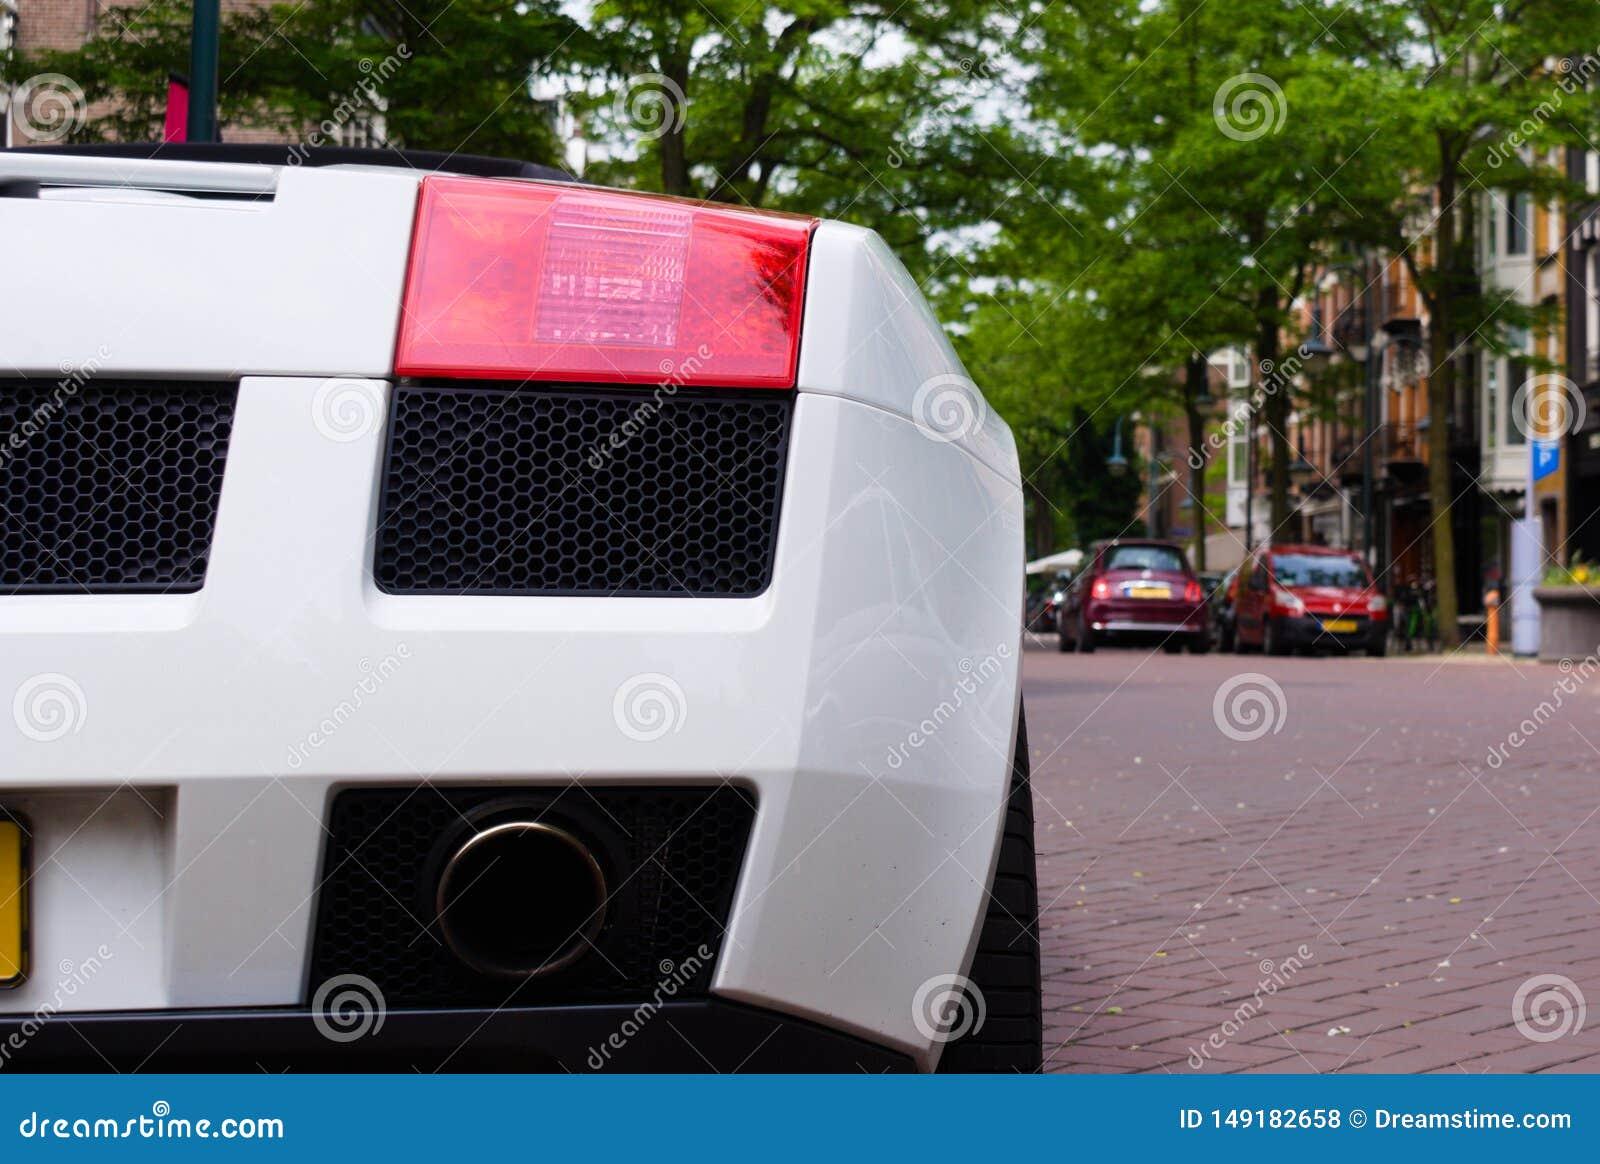 Крупный план белого супер автомобиля припаркованного в улице